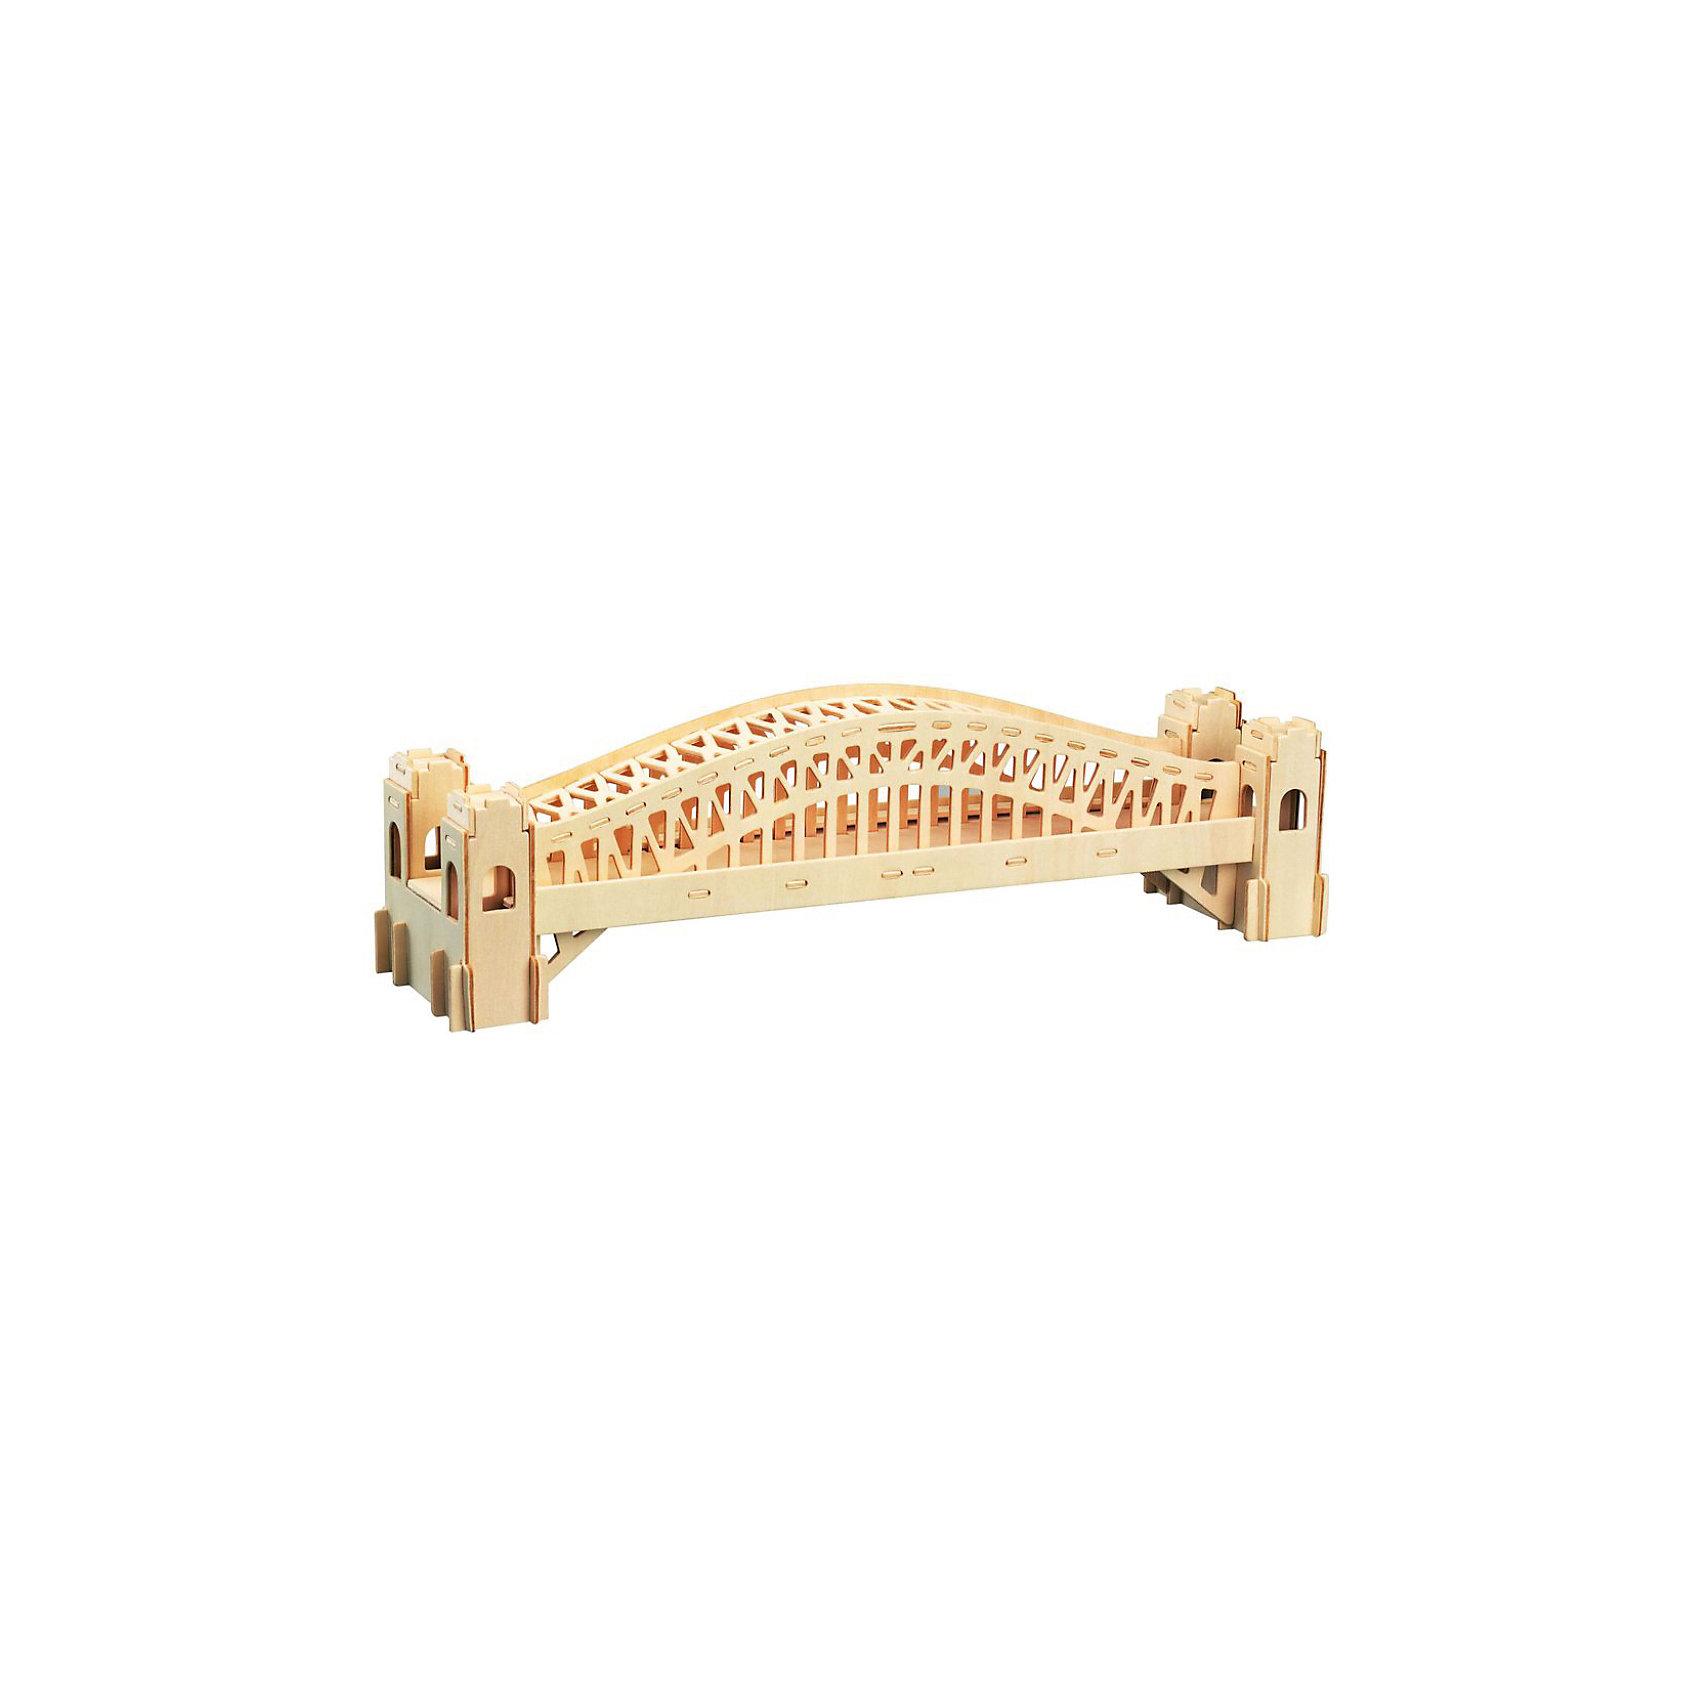 Сиднейский мост, Мир деревянных игрушекОтличный вариант подарка для любящего архитектуру творческого ребенка - этот набор, из которого можно самому сделать красивую деревянную фигуру! Для этого нужно выдавить из пластины с деталями элементы для сборки и соединить их. Из наборов получаются красивые очень реалистичные игрушки, которые могут стать украшением комнаты.<br>Собирая их, ребенок будет развивать пространственное мышление, память и мелкую моторику. А раскрашивая готовое произведение, дети научатся подбирать цвета и будут развивать художественные навыки. Этот набор произведен из качественных и безопасных для детей материалов - дерево тщательно обработано.<br><br>Дополнительная информация:<br><br>материал: дерево;<br>цвет: бежевый;<br>элементы: пластины с деталями для сборки, схема сборки;<br>размер упаковки: 23 х 37 см.<br><br>3D-пазл Сиднейский мост от бренда Мир деревянных игрушек можно купить в нашем магазине.<br><br>Ширина мм: 350<br>Глубина мм: 50<br>Высота мм: 225<br>Вес г: 450<br>Возраст от месяцев: 36<br>Возраст до месяцев: 144<br>Пол: Унисекс<br>Возраст: Детский<br>SKU: 4969170